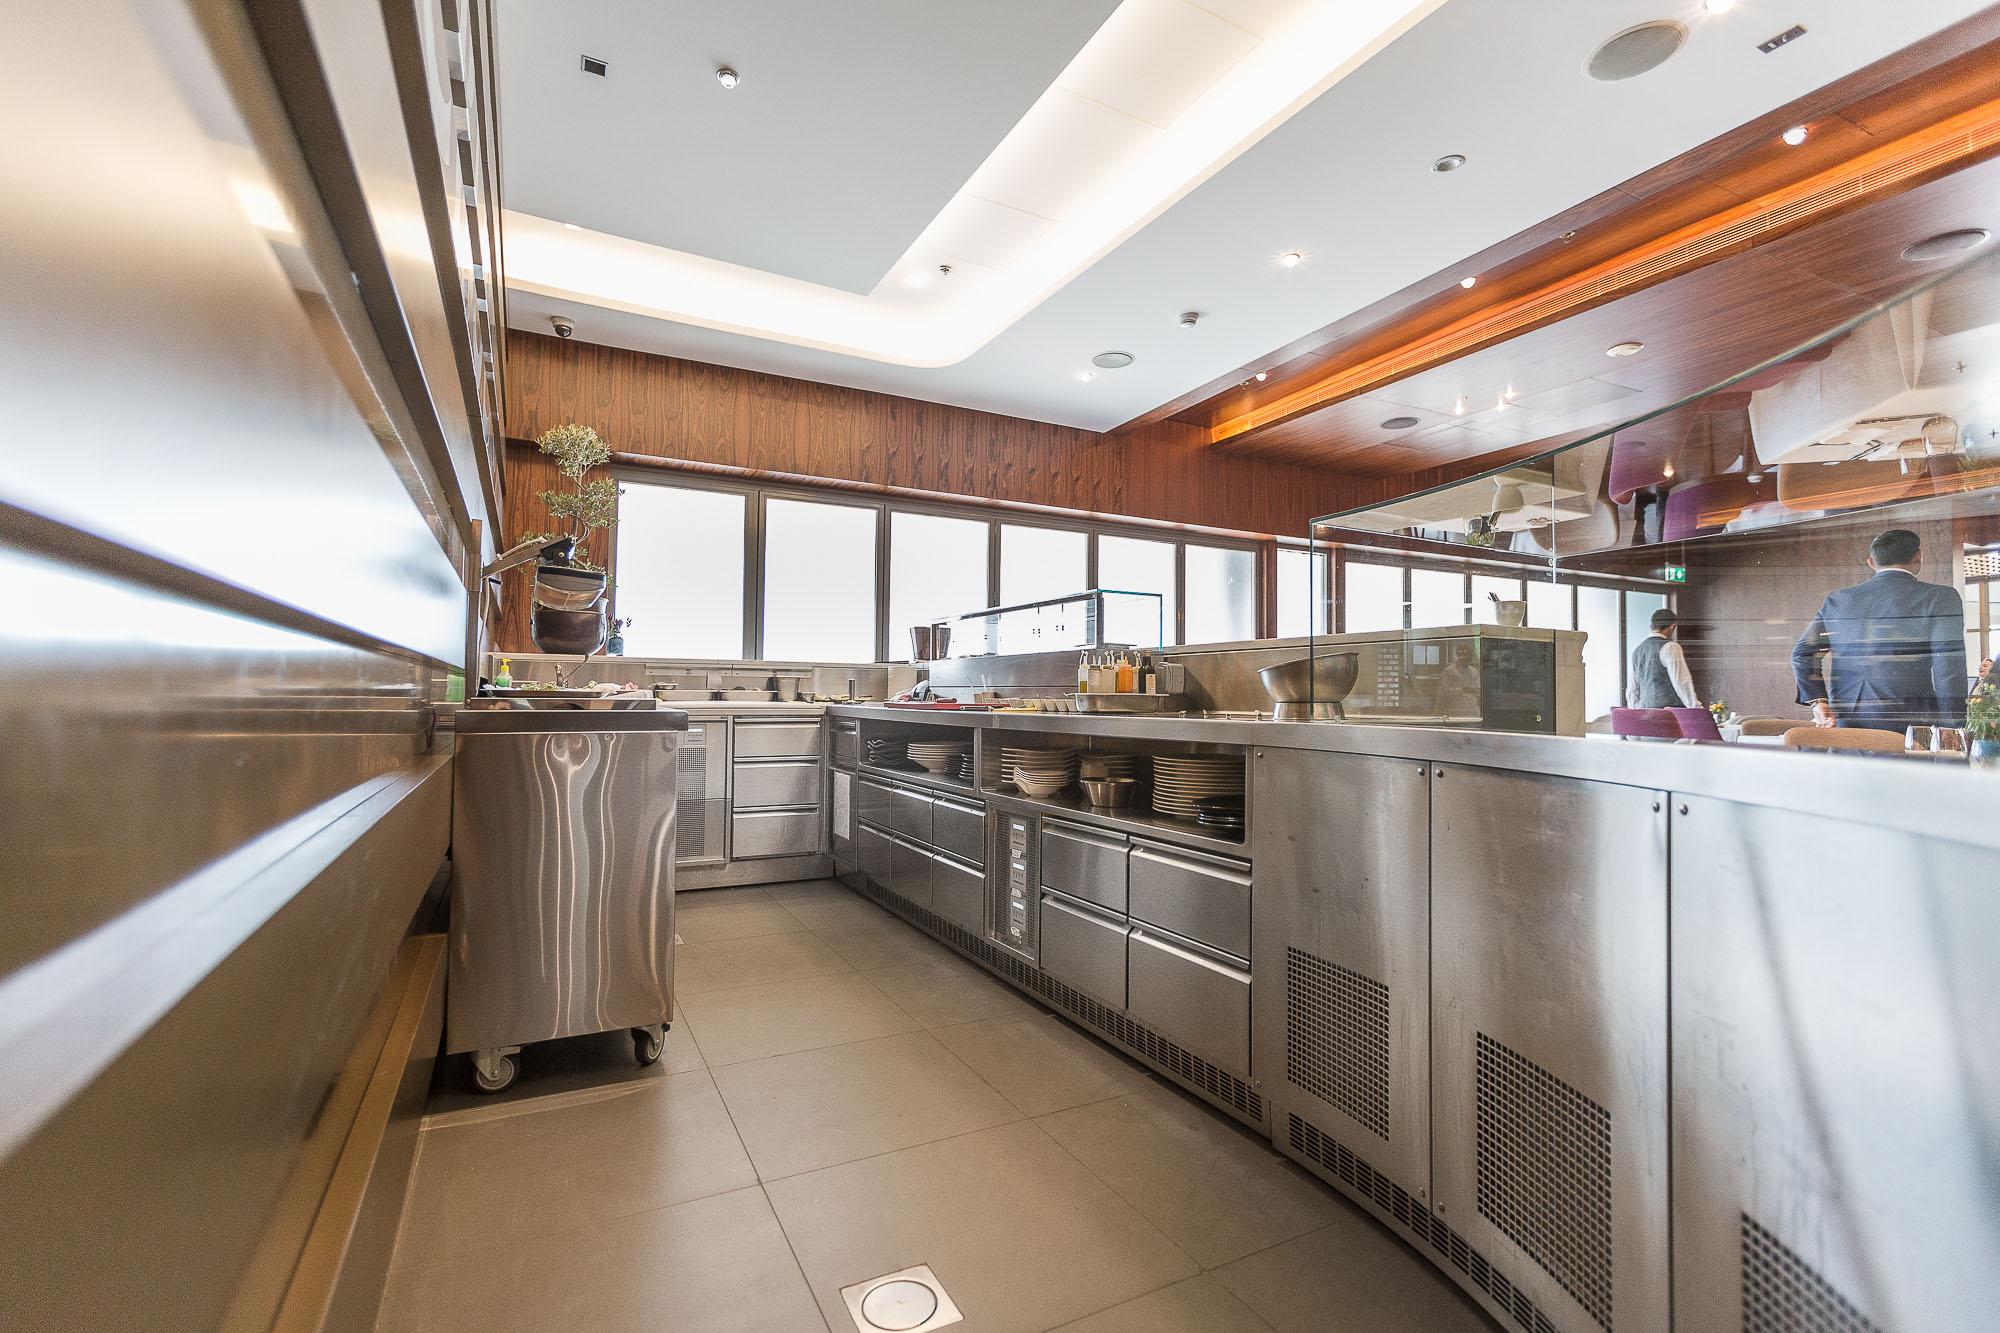 italia_kitchen_robertos_abu_dhabi_07